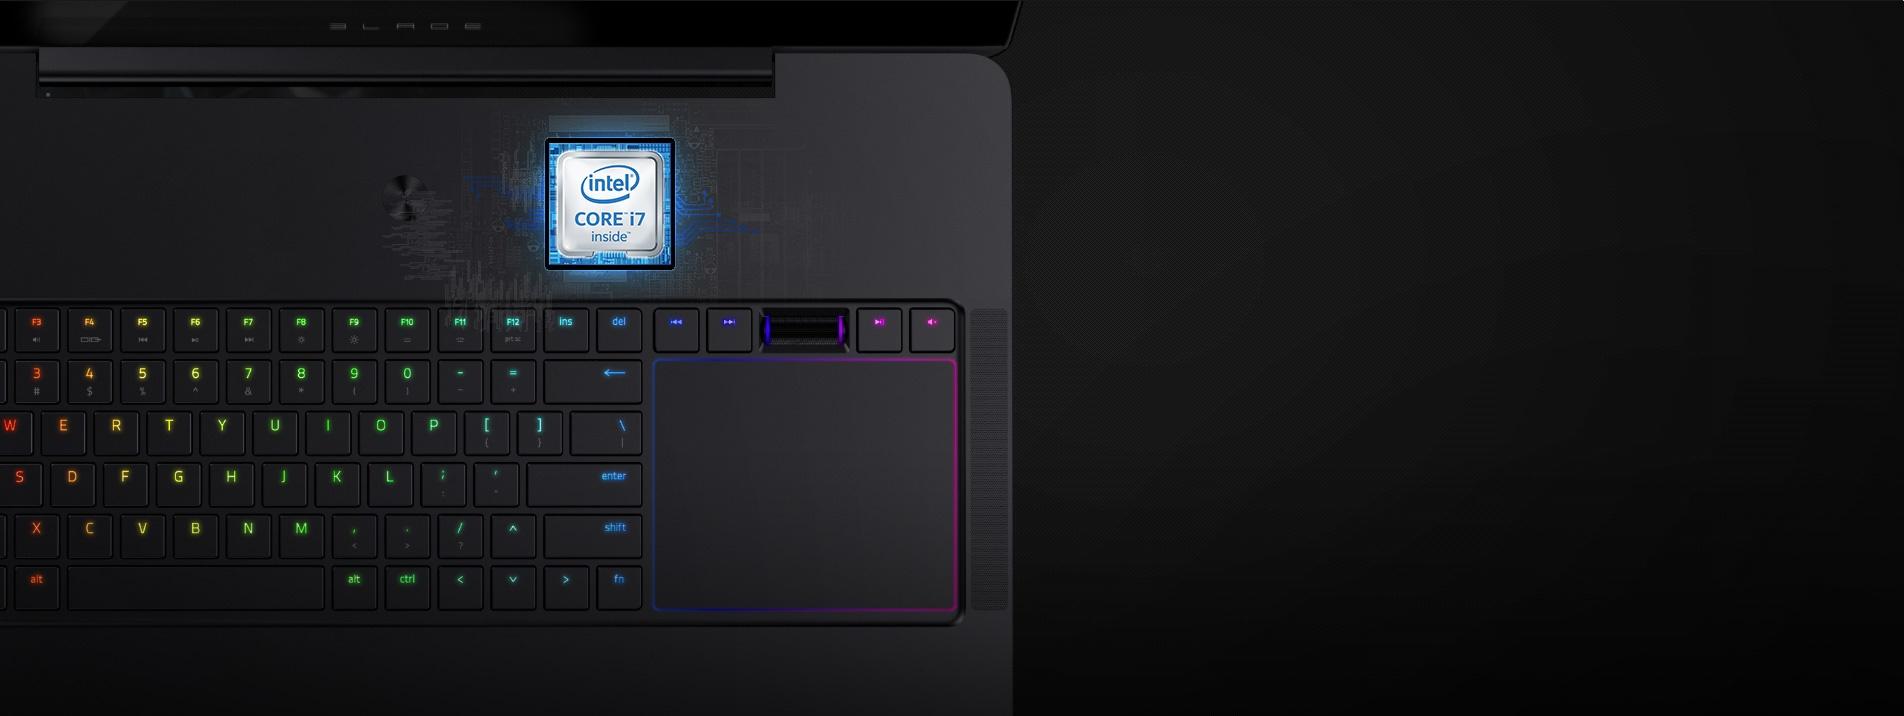 پادشاه لپ تاپهای گیم: ریزر بلید پرو ۳۷۰۰ دلاری/ عکس